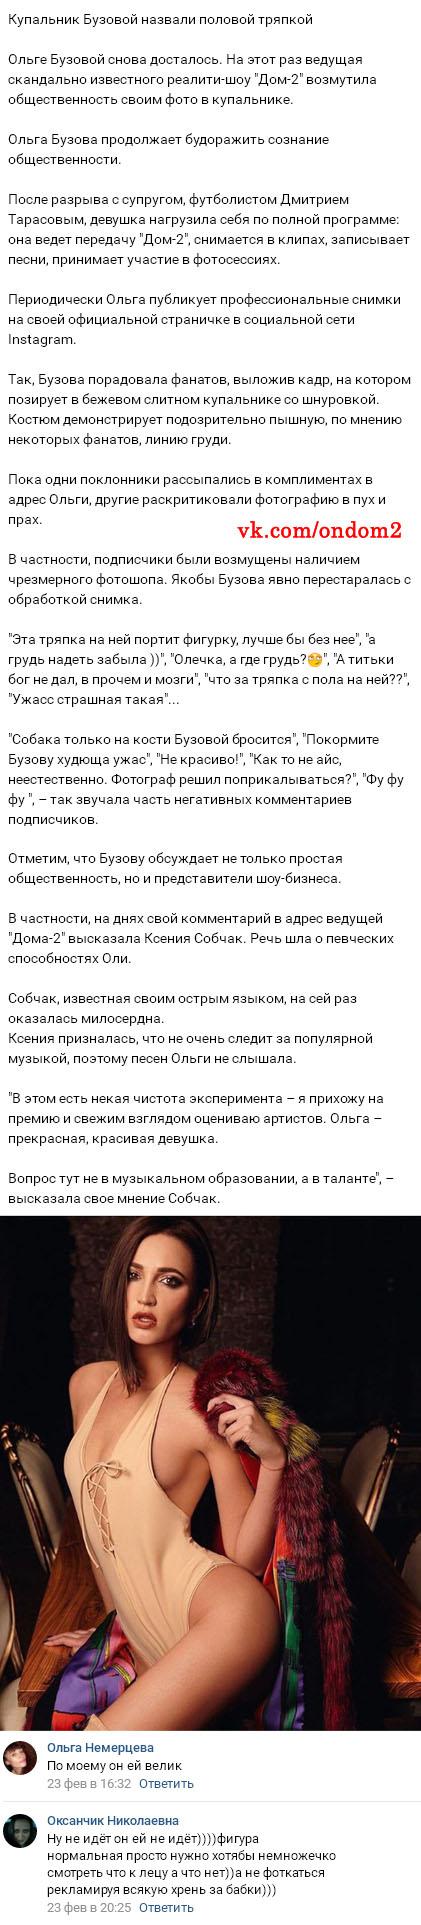 девченки рунета 7 дней про ольгу бузову кадры